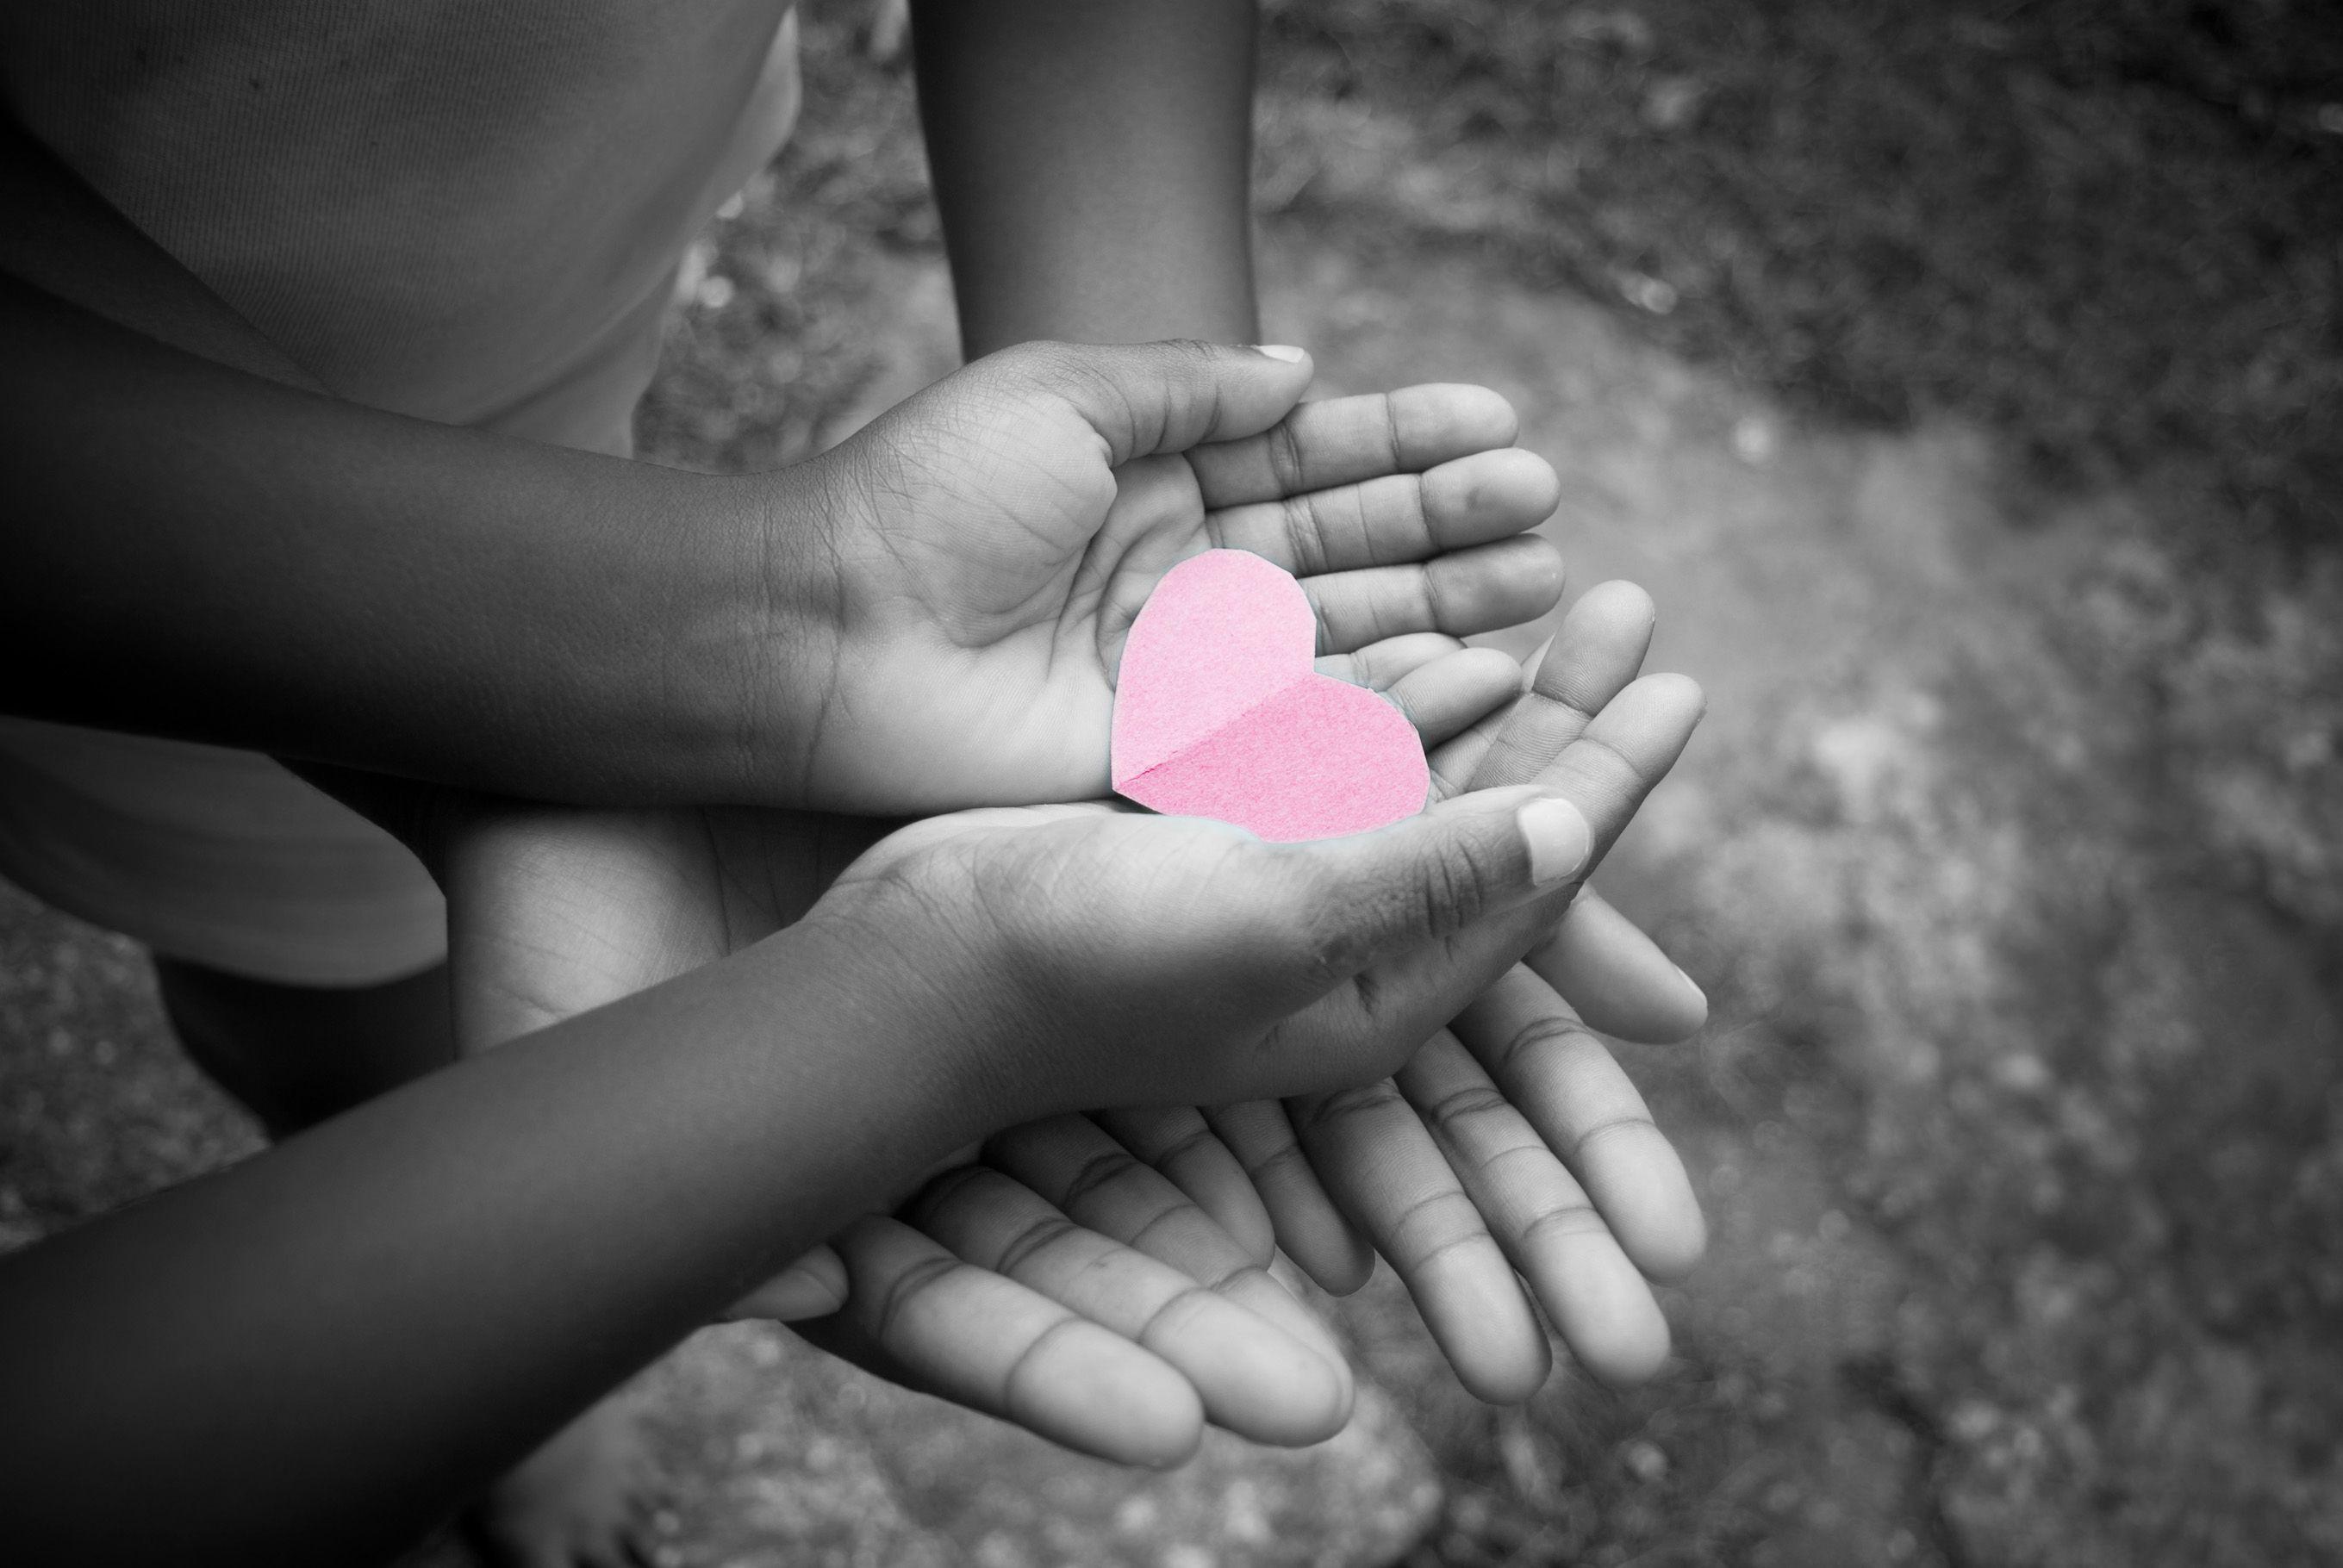 Campañas de sensibilización : Ser una entidad con corazón  de Empresas con Corazón.                Cáritas Diocesana de Pamplona-Tudela